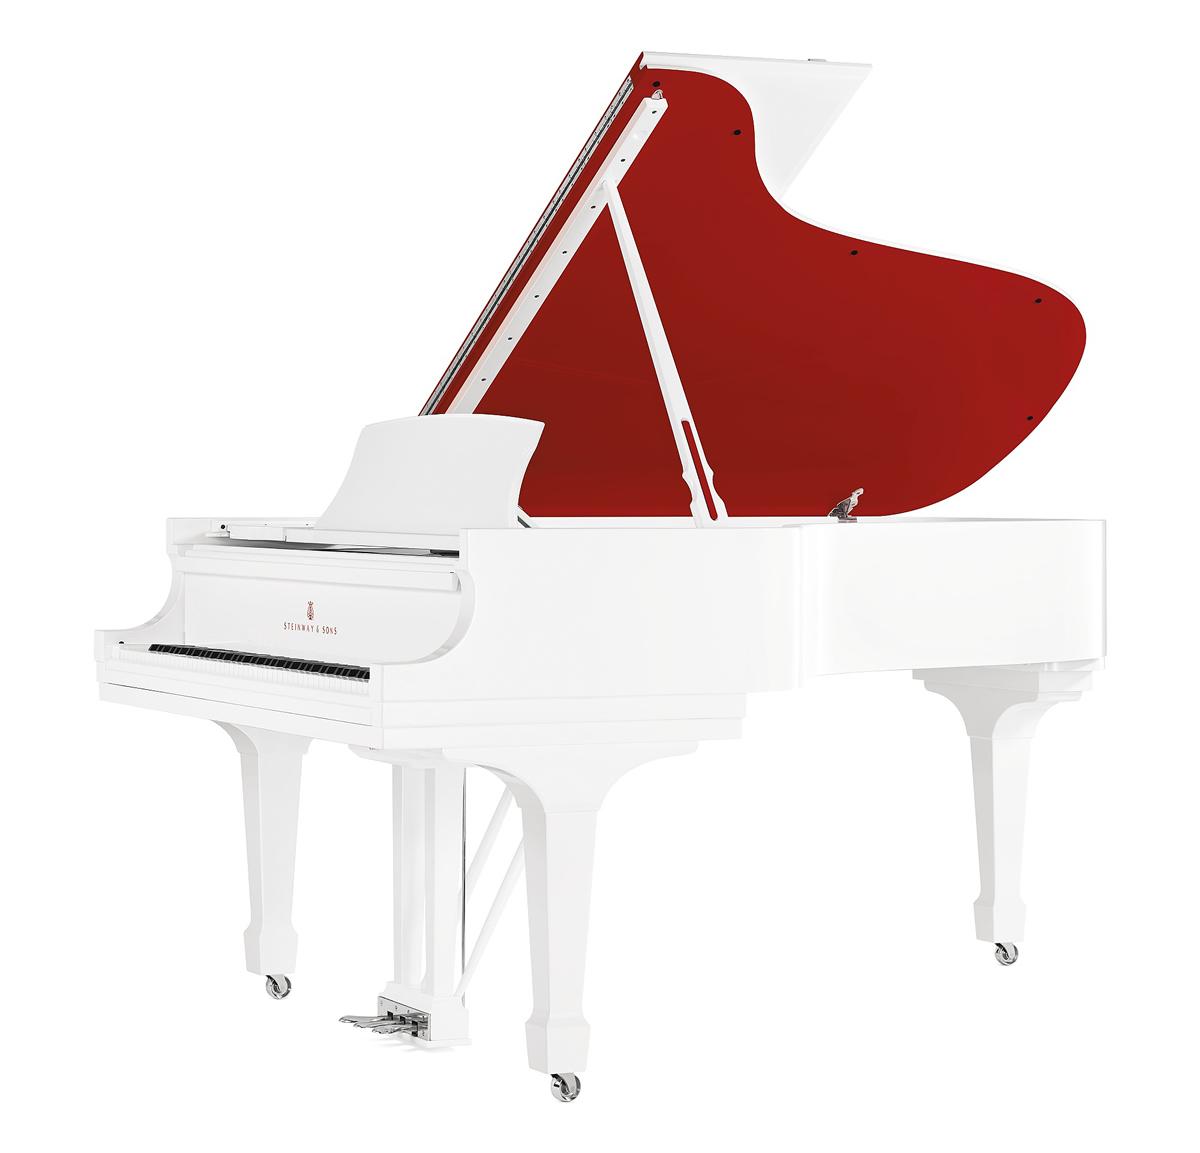 top-10-cay-dan-piano-dat-nhat-10